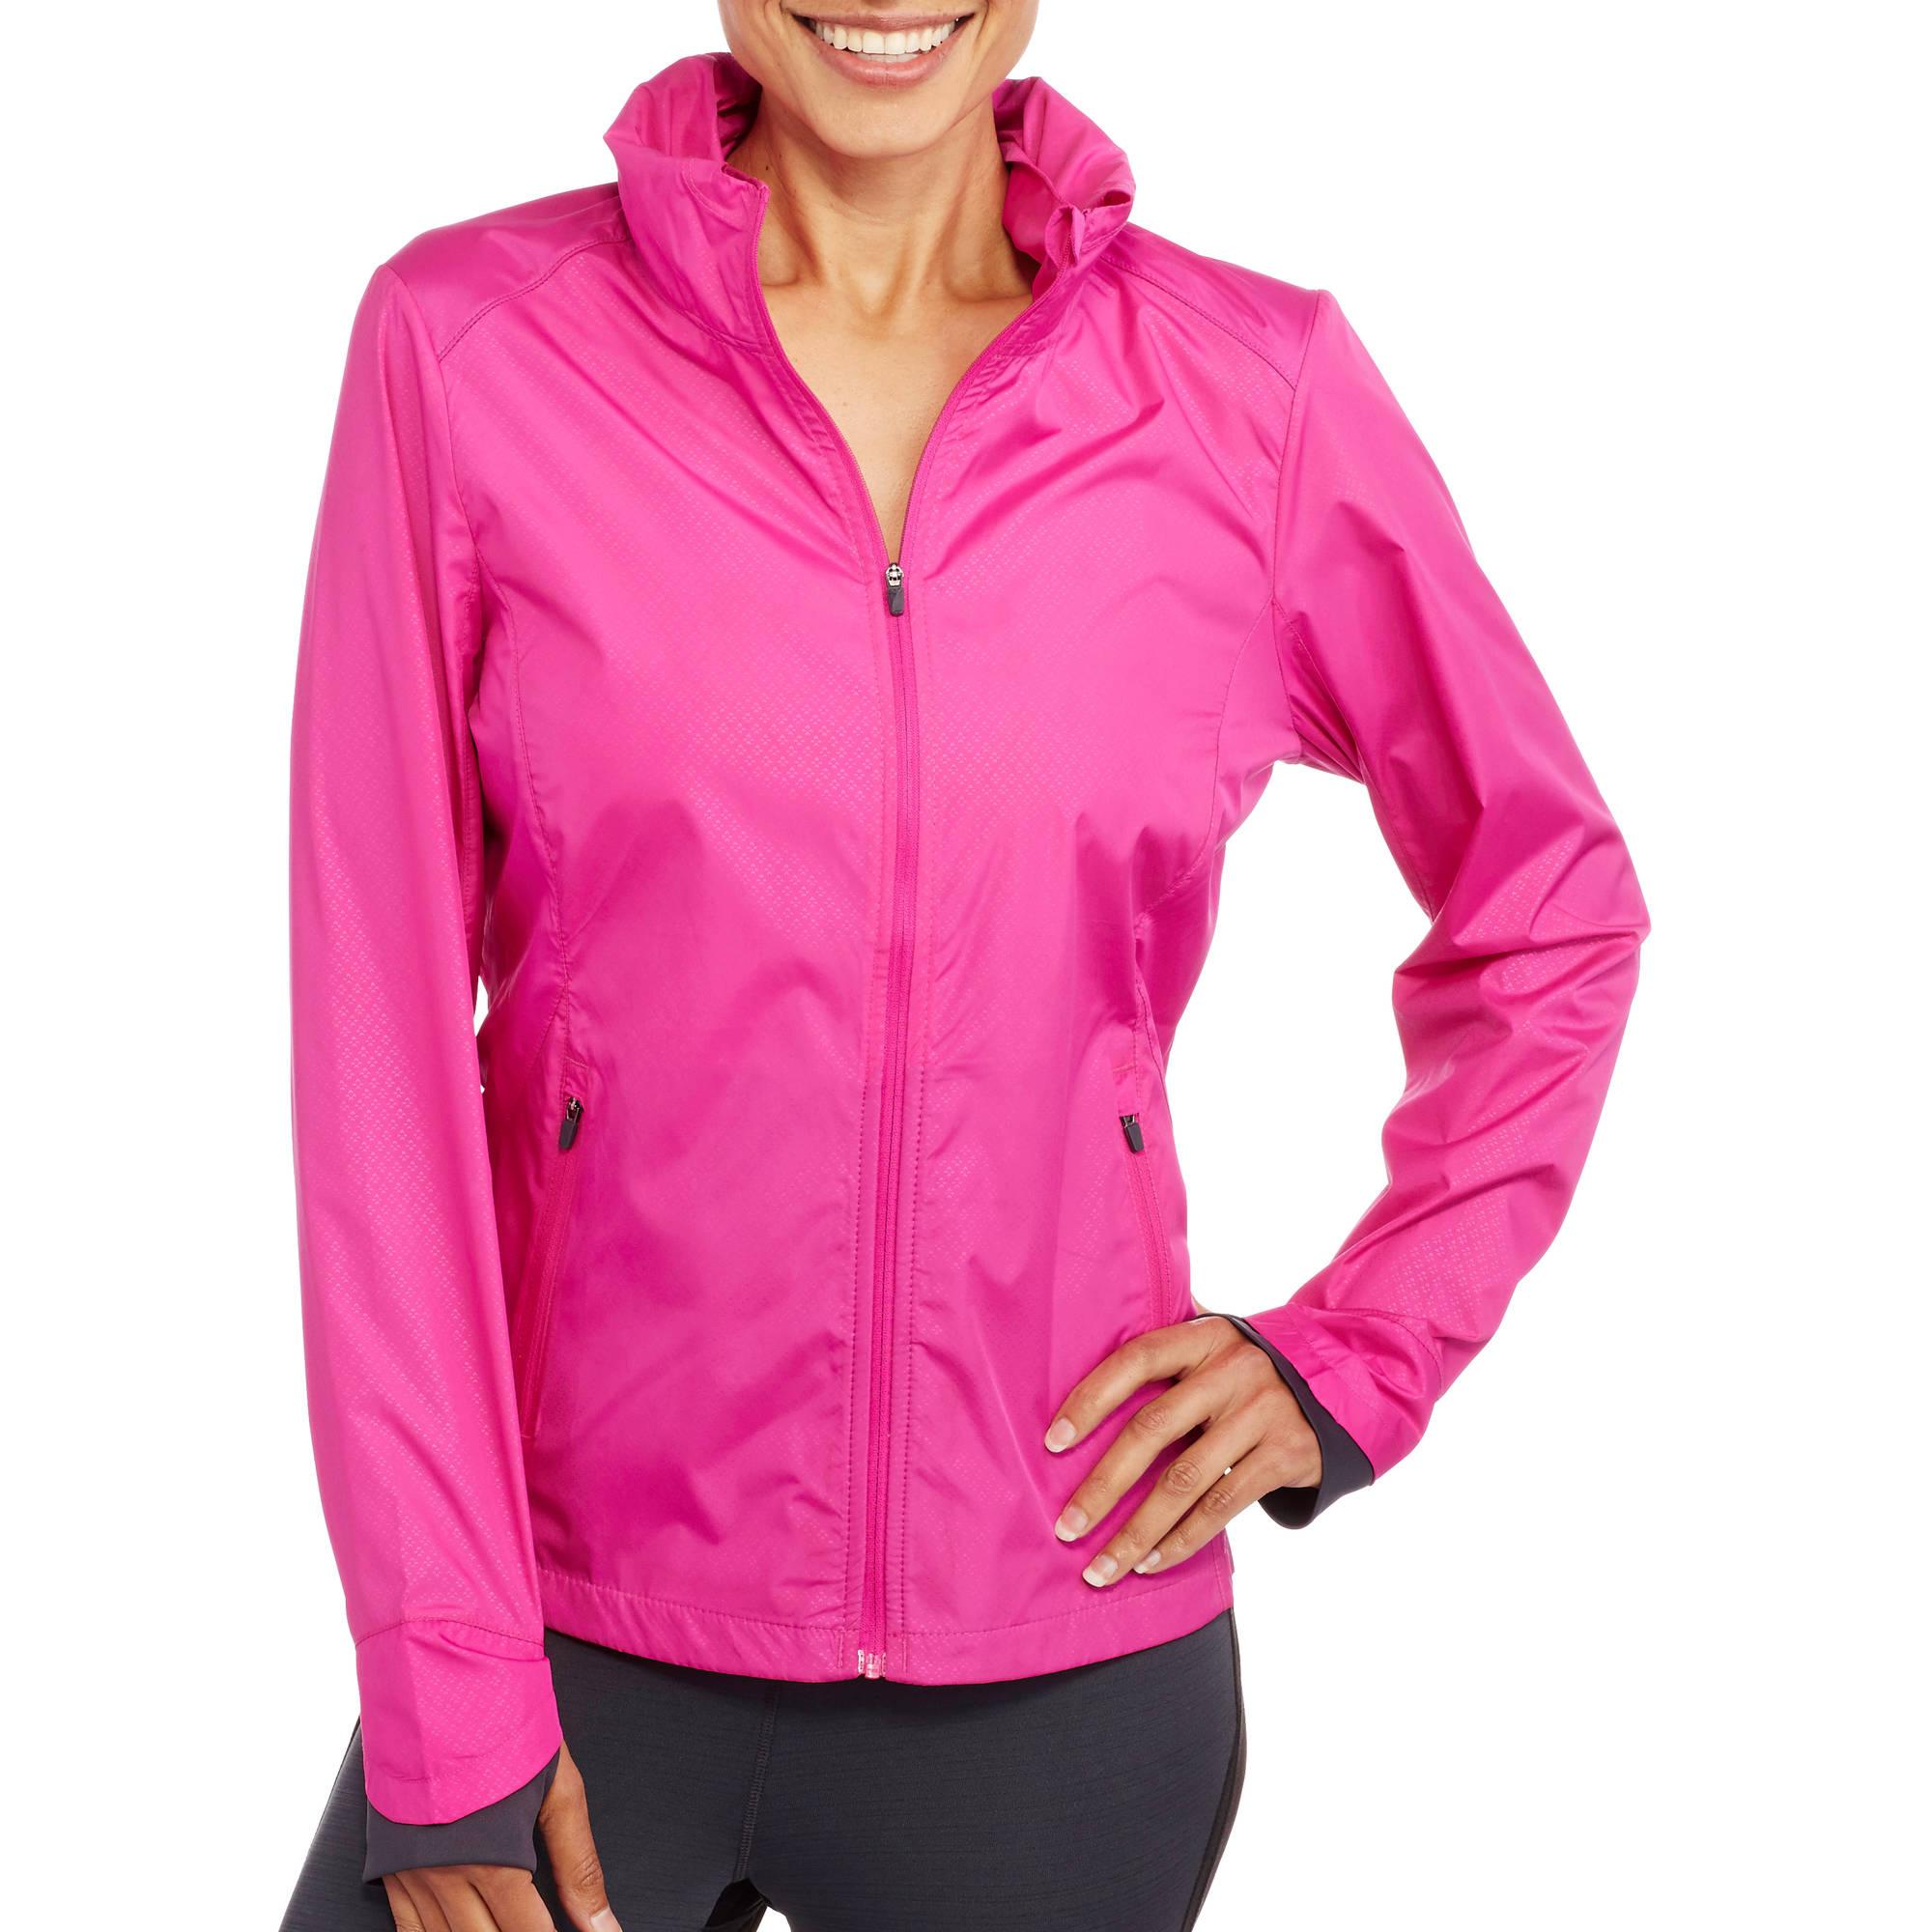 Pink ladies jacket at walmart